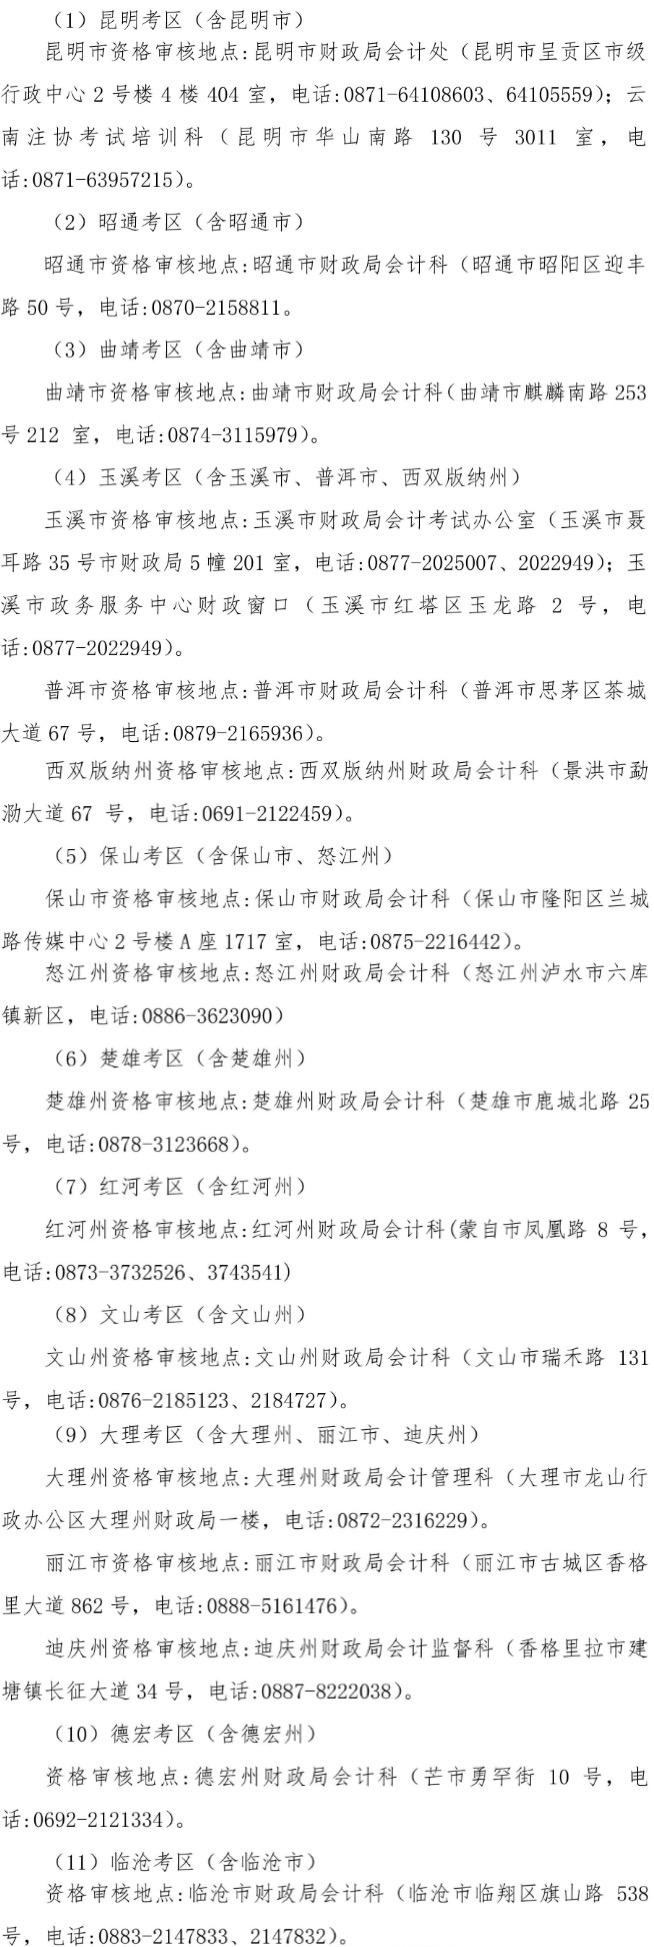 云南注会考试现场资格审核地点